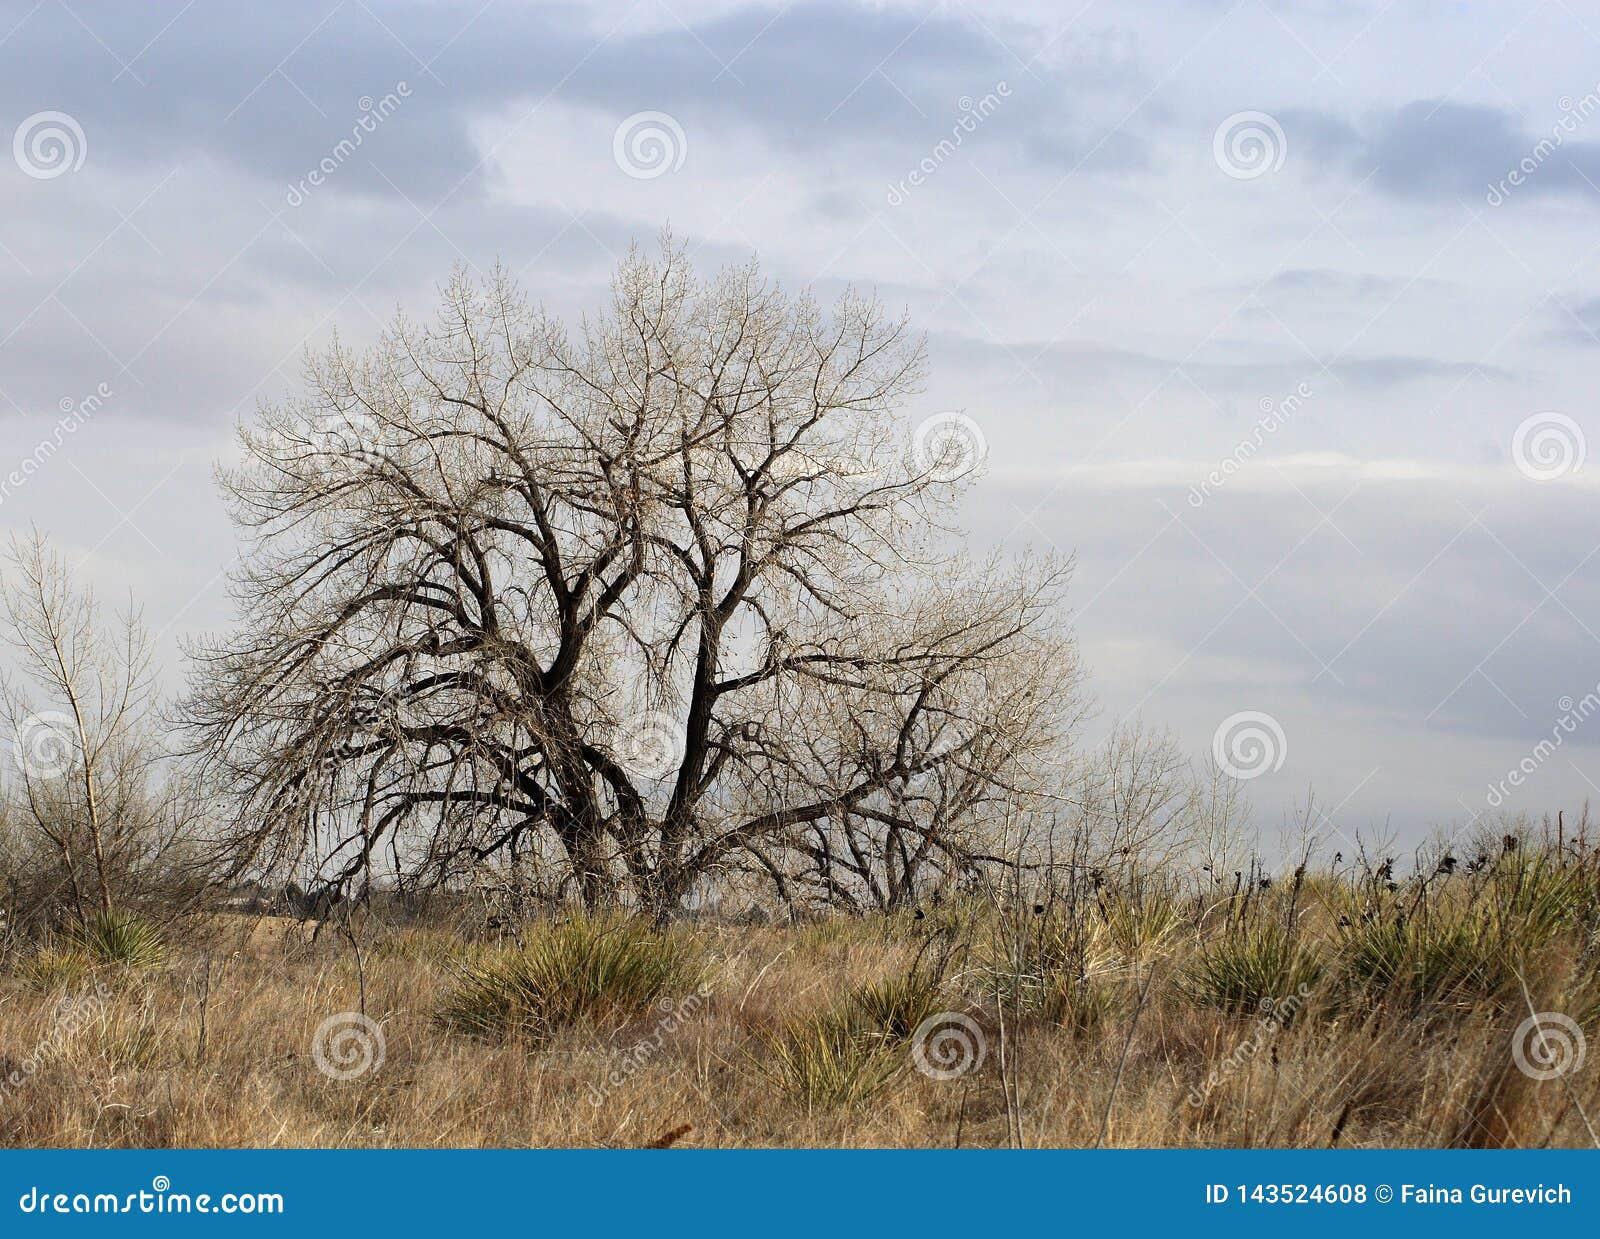 Rami nudi di un albero, orario invernale